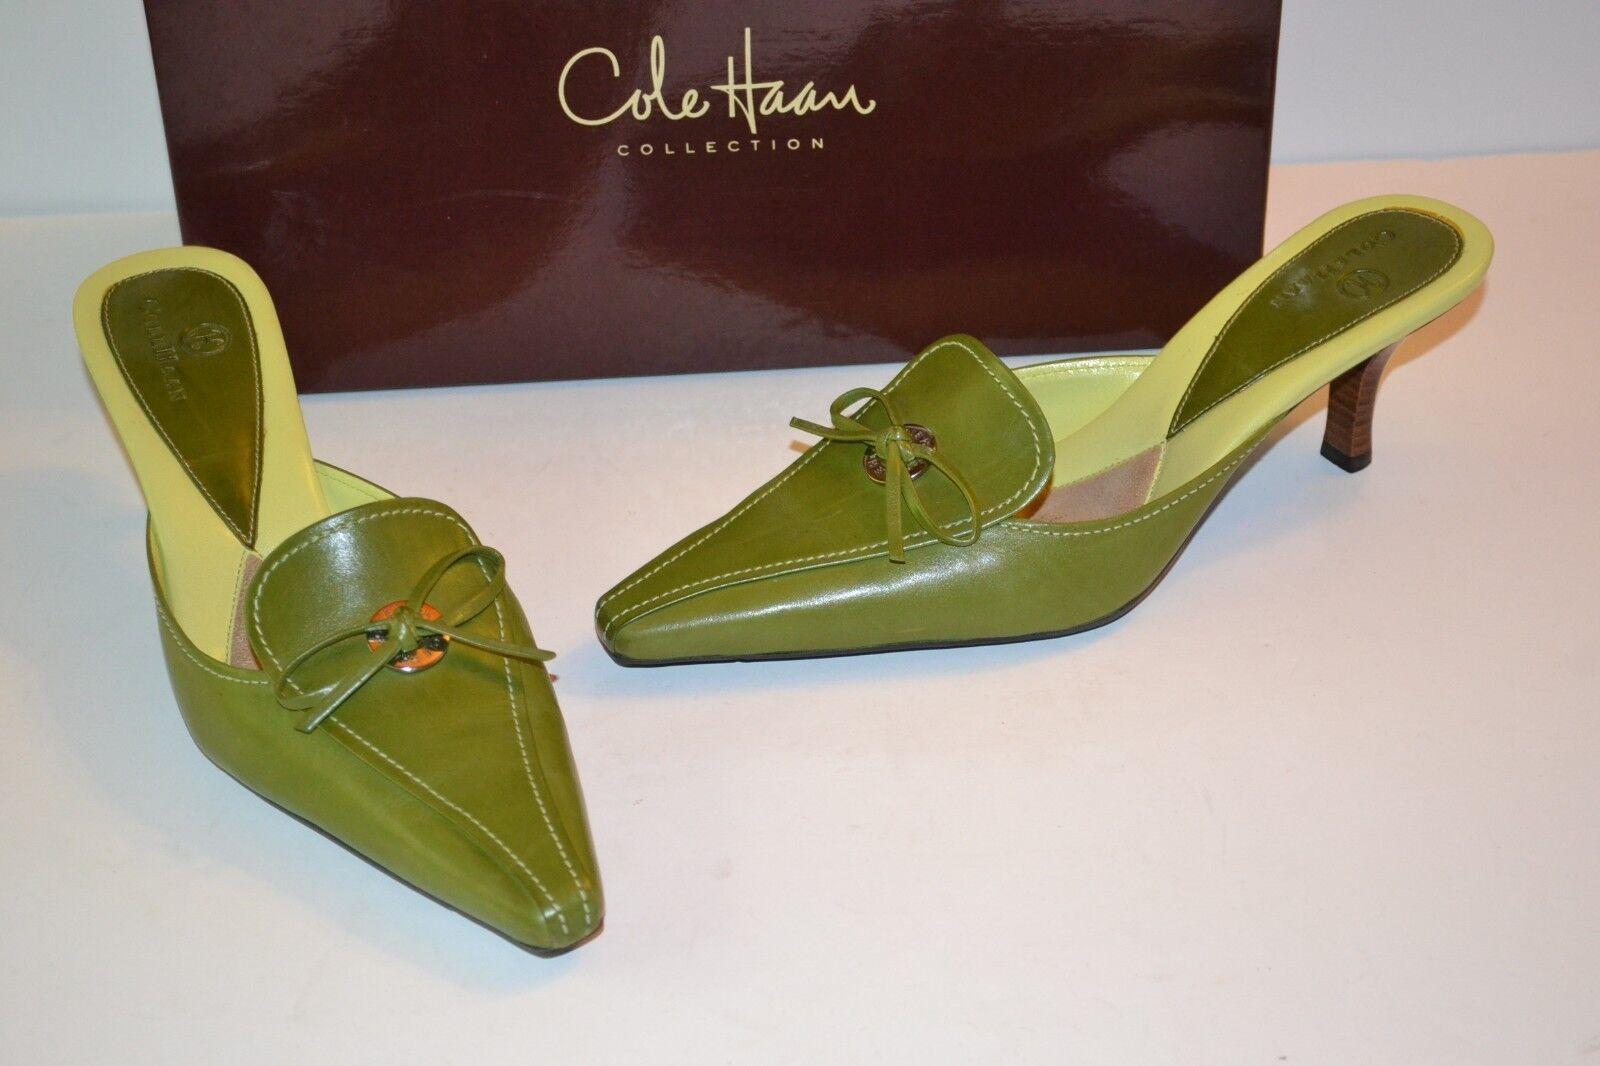 Cole Haan verde Oliva Cuero Brooke Gatito Tacón mula 6.5 6.5 6.5 B Slide-On  179  tienda hace compras y ventas